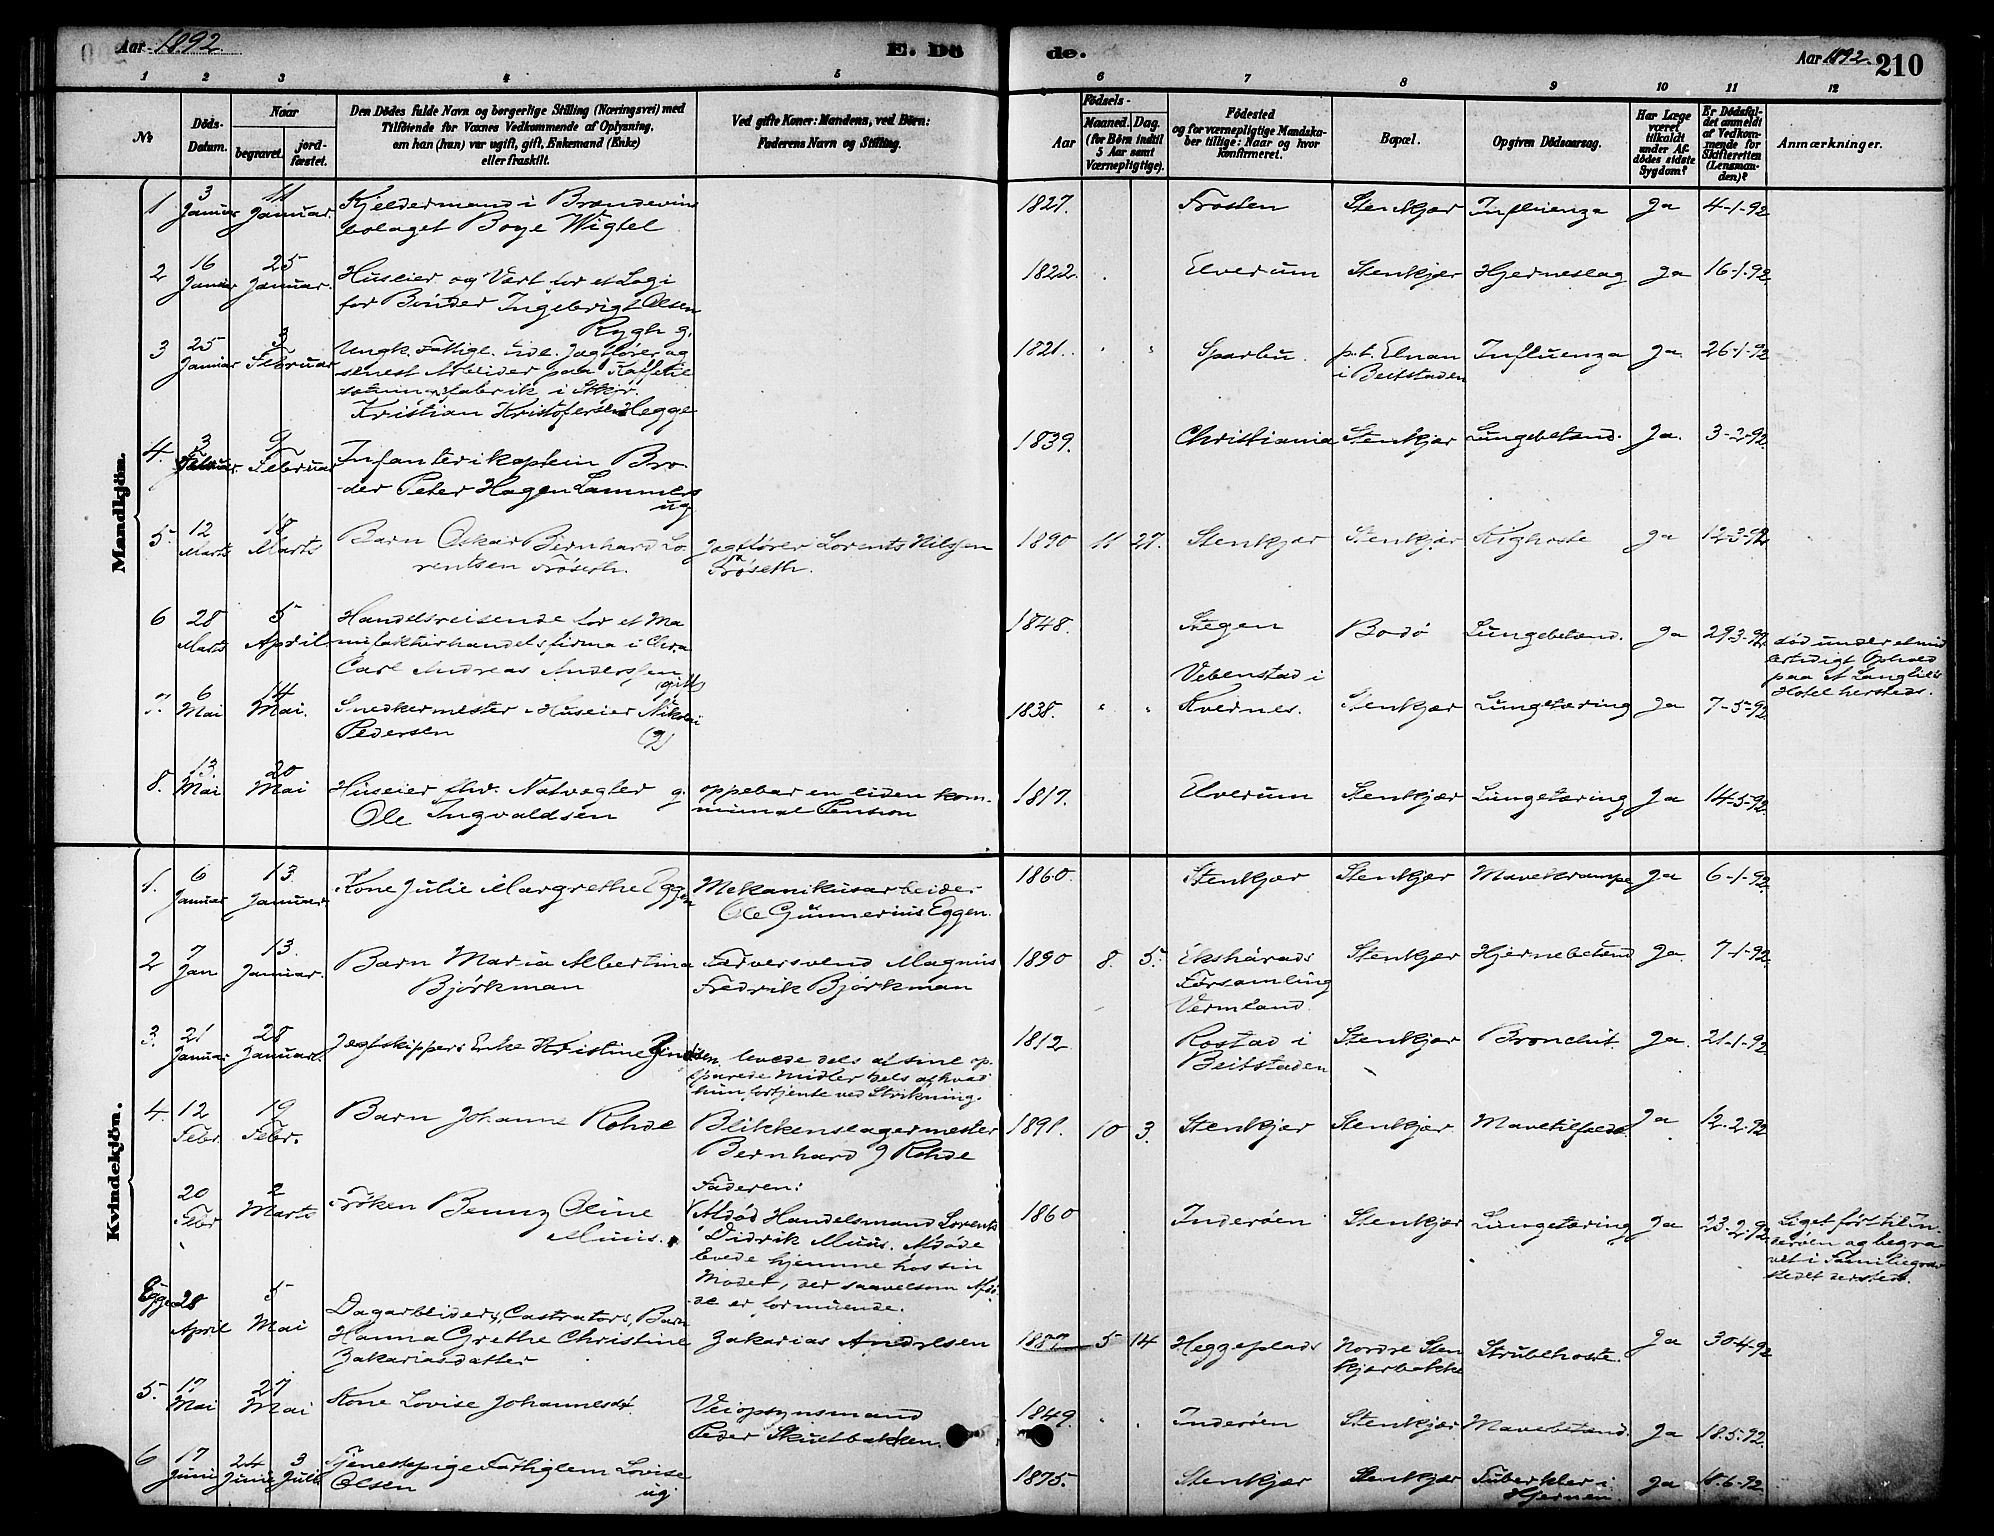 SAT, Ministerialprotokoller, klokkerbøker og fødselsregistre - Nord-Trøndelag, 739/L0371: Ministerialbok nr. 739A03, 1881-1895, s. 210